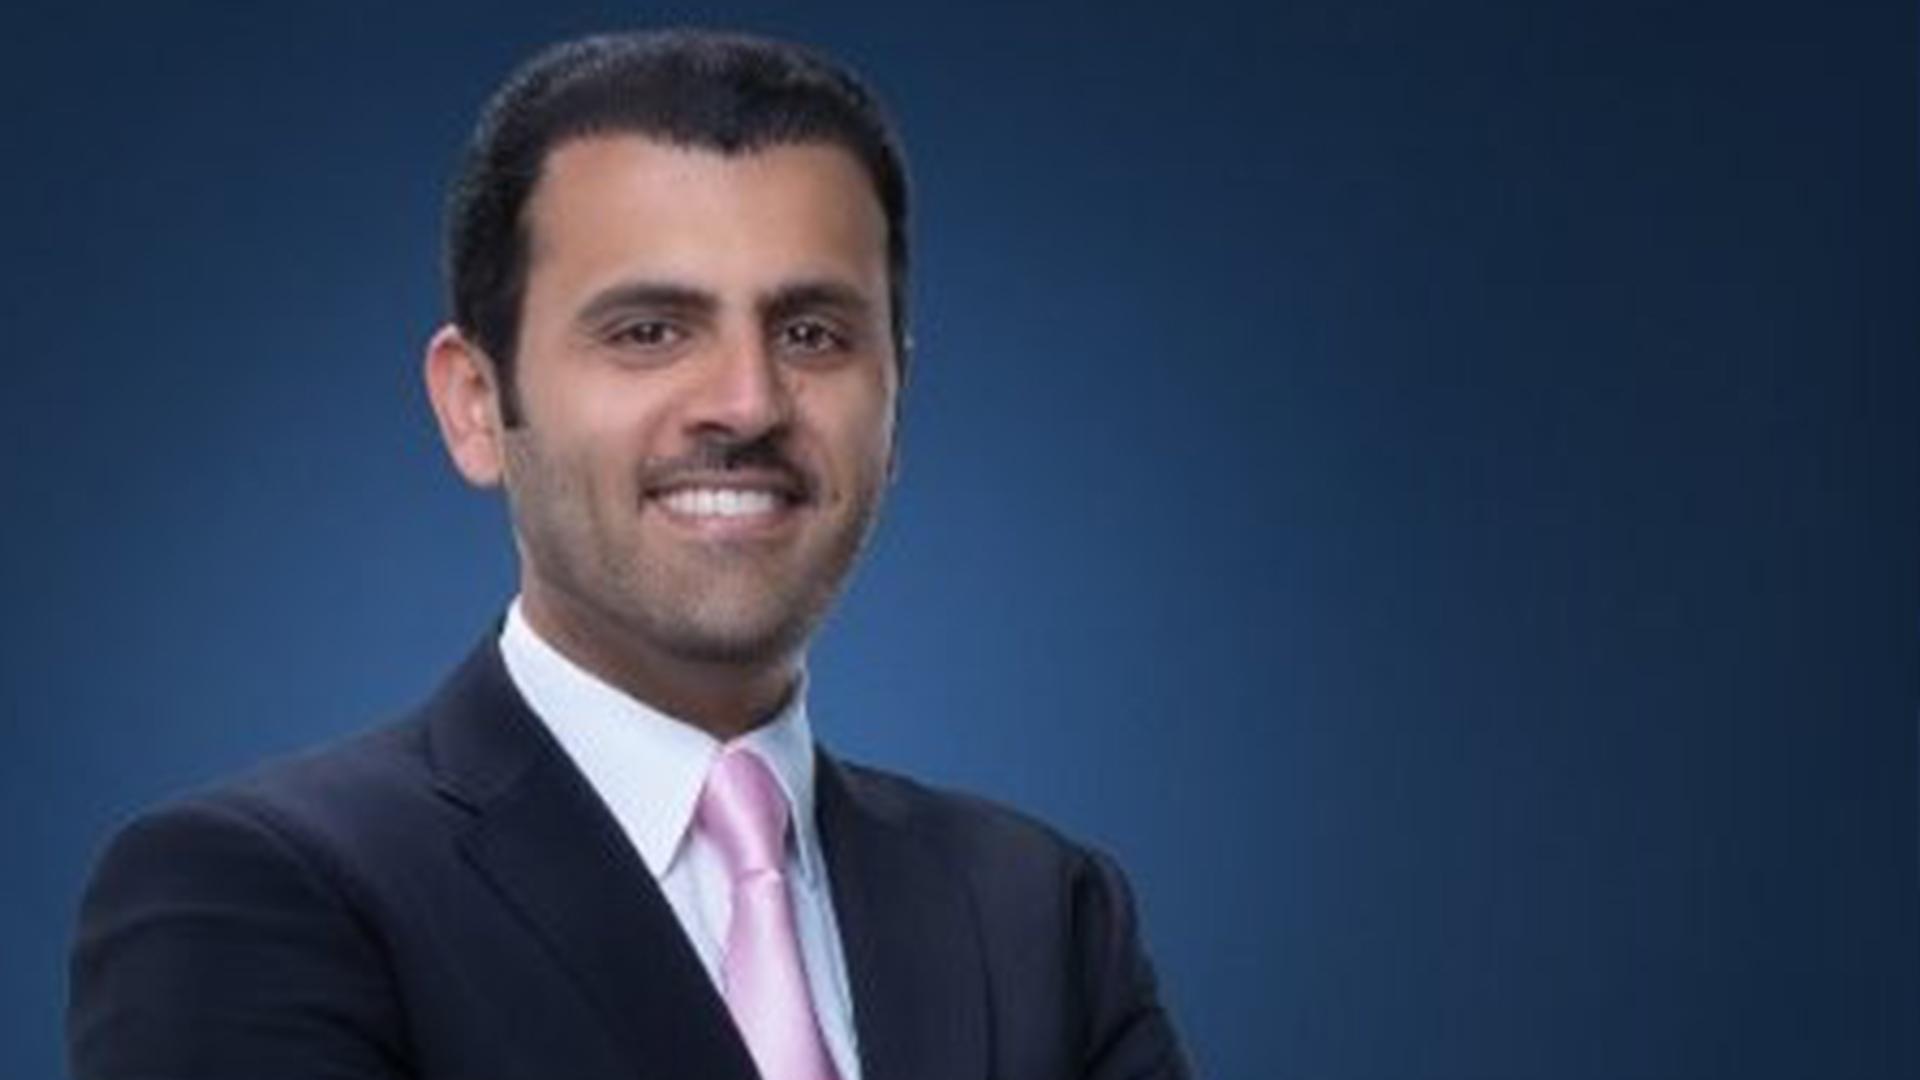 Saad Saleh Al-Hudaifi digiturk bein